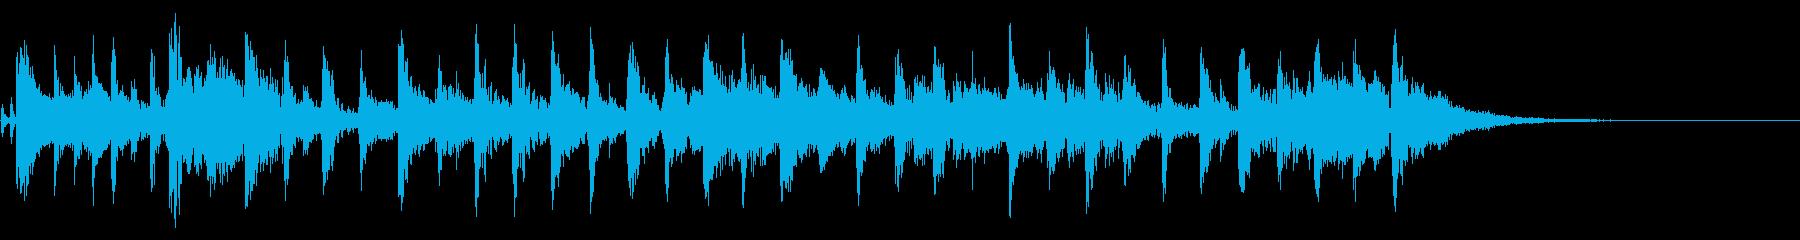 ずるいの再生済みの波形